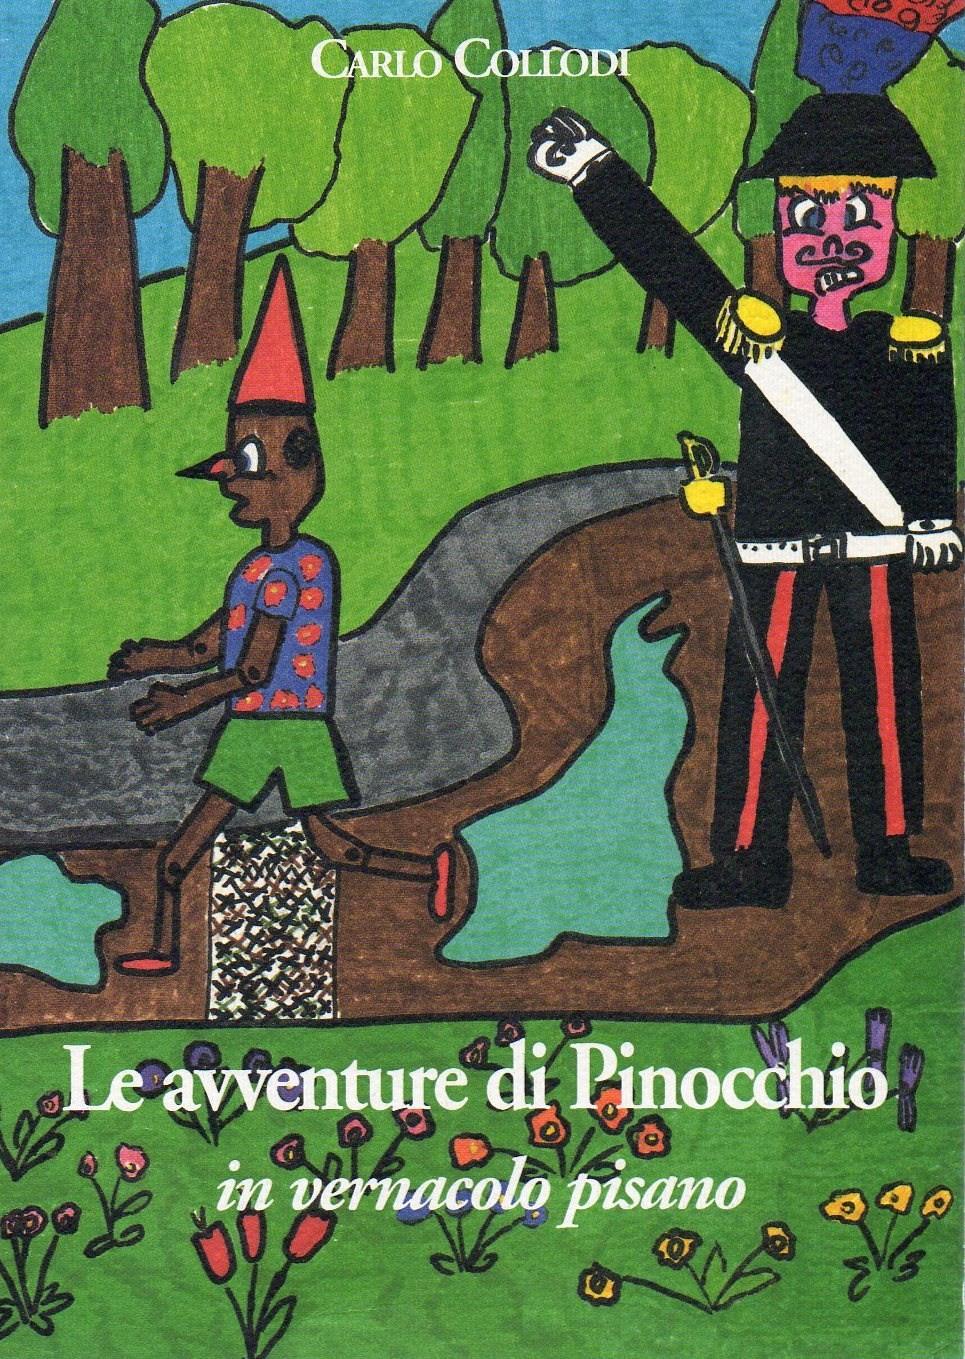 Le avventure di Pinocchio in vernacolo pisano